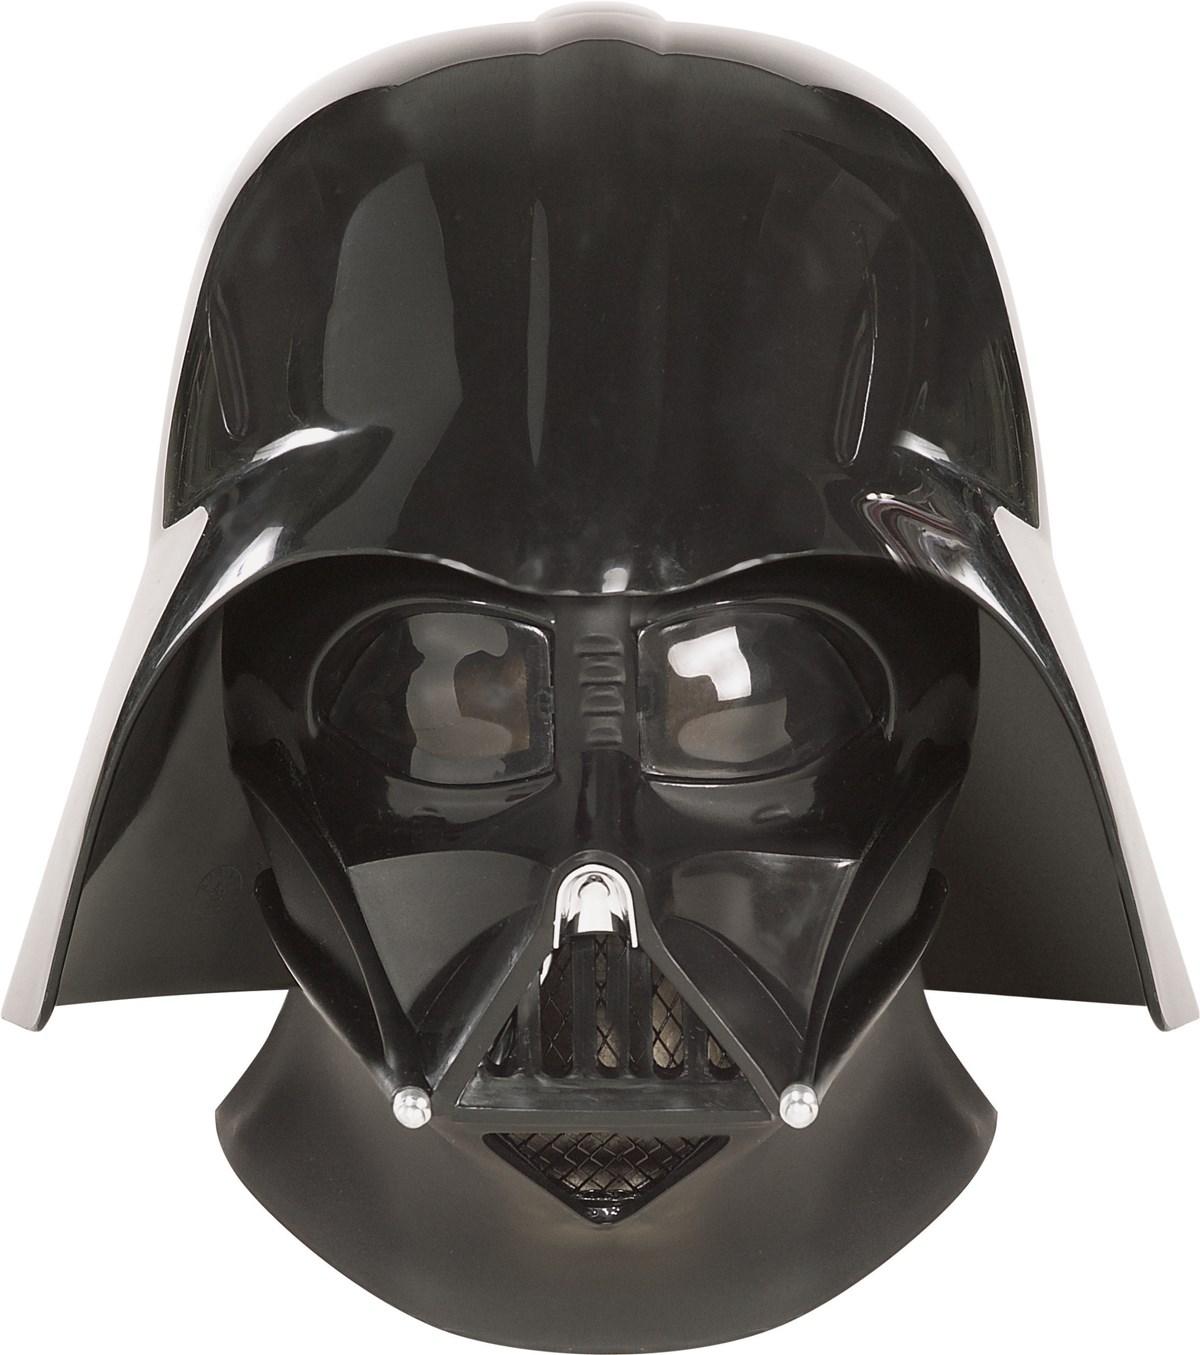 Image of Star Wars Super Deluxe Darth Vader Mask